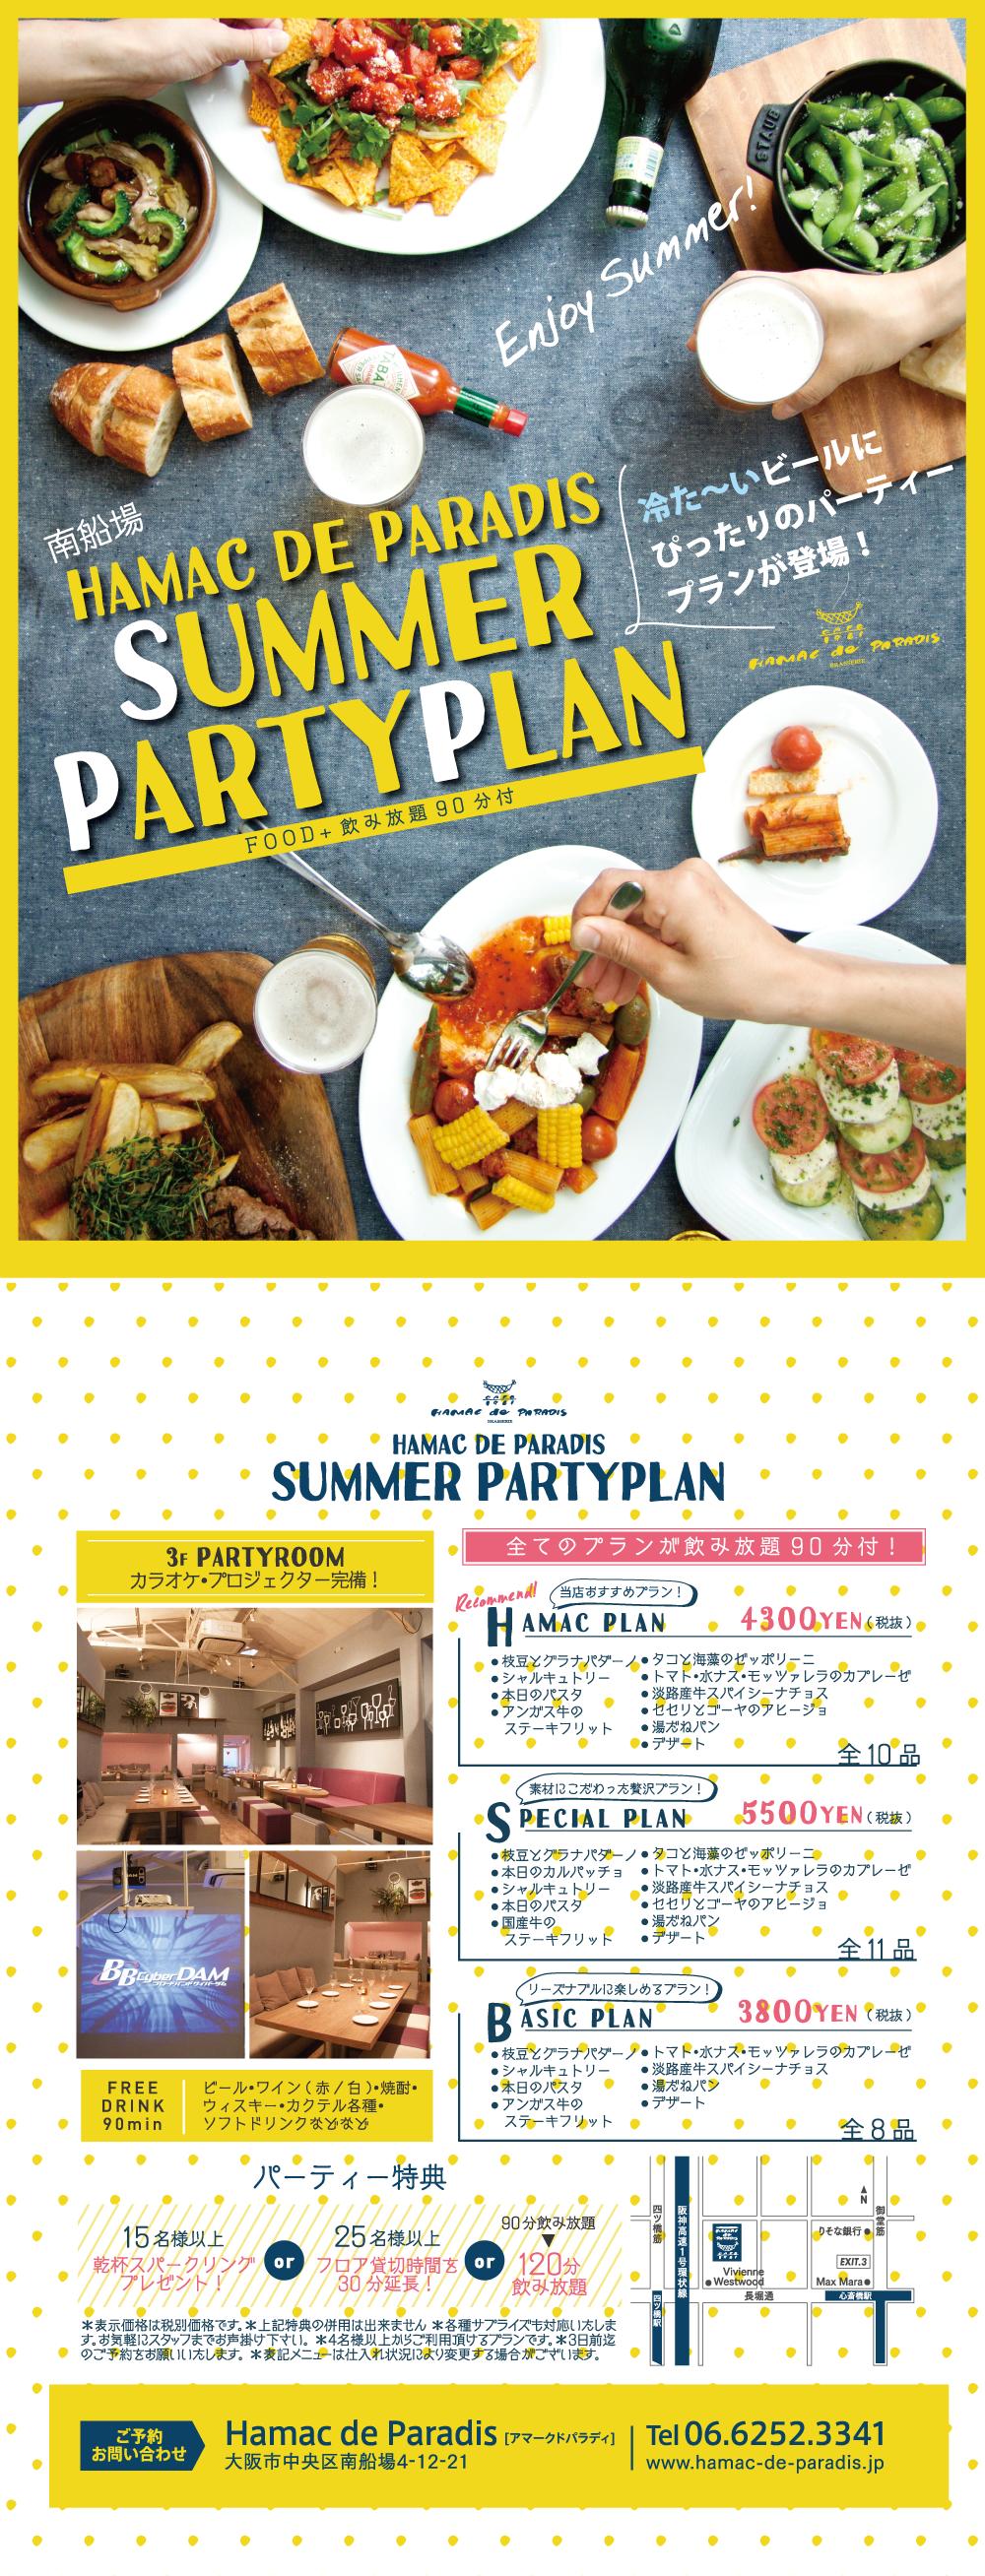 summerplan_ol.png